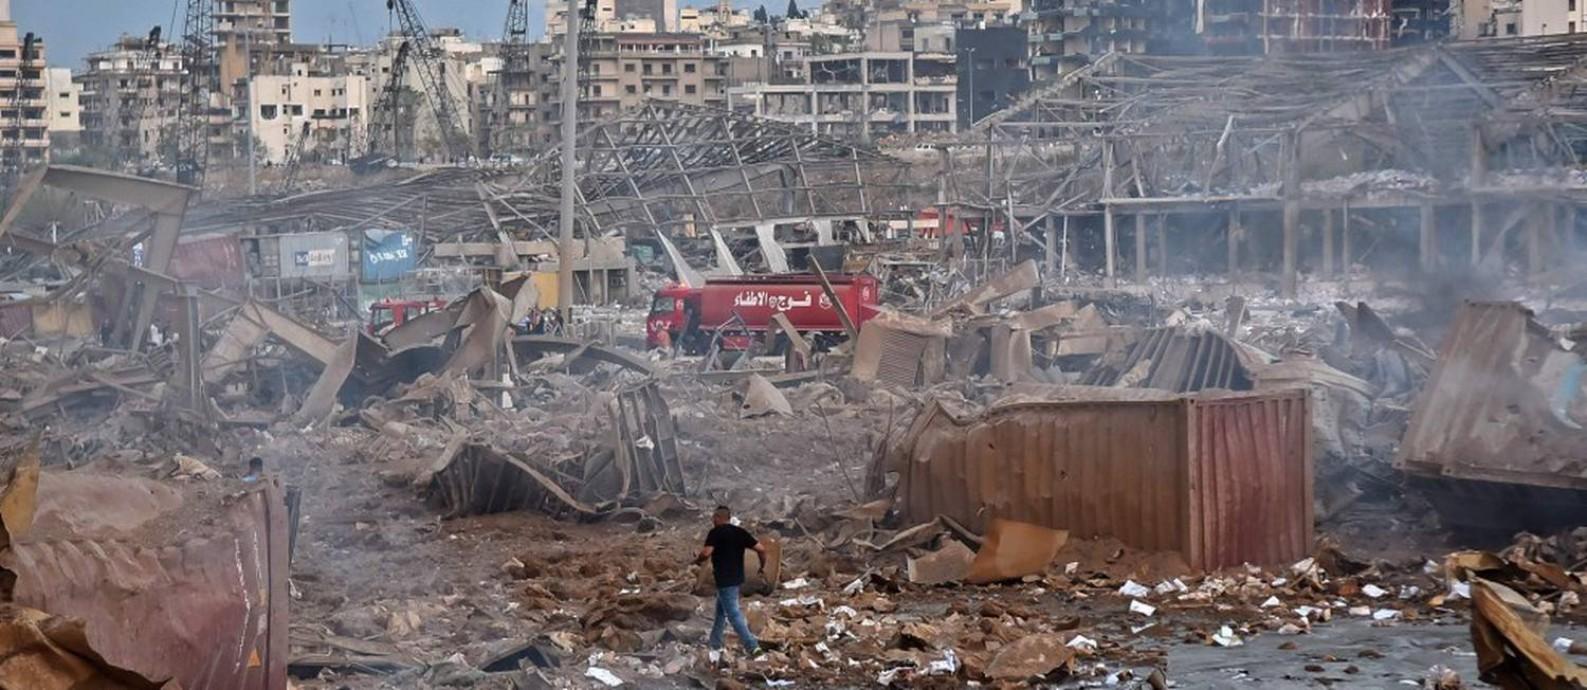 Prédios destruídos após explosão em Beirute: dezenas de pessoas morreram e milhares ficaram feridas Foto: STR / AFP